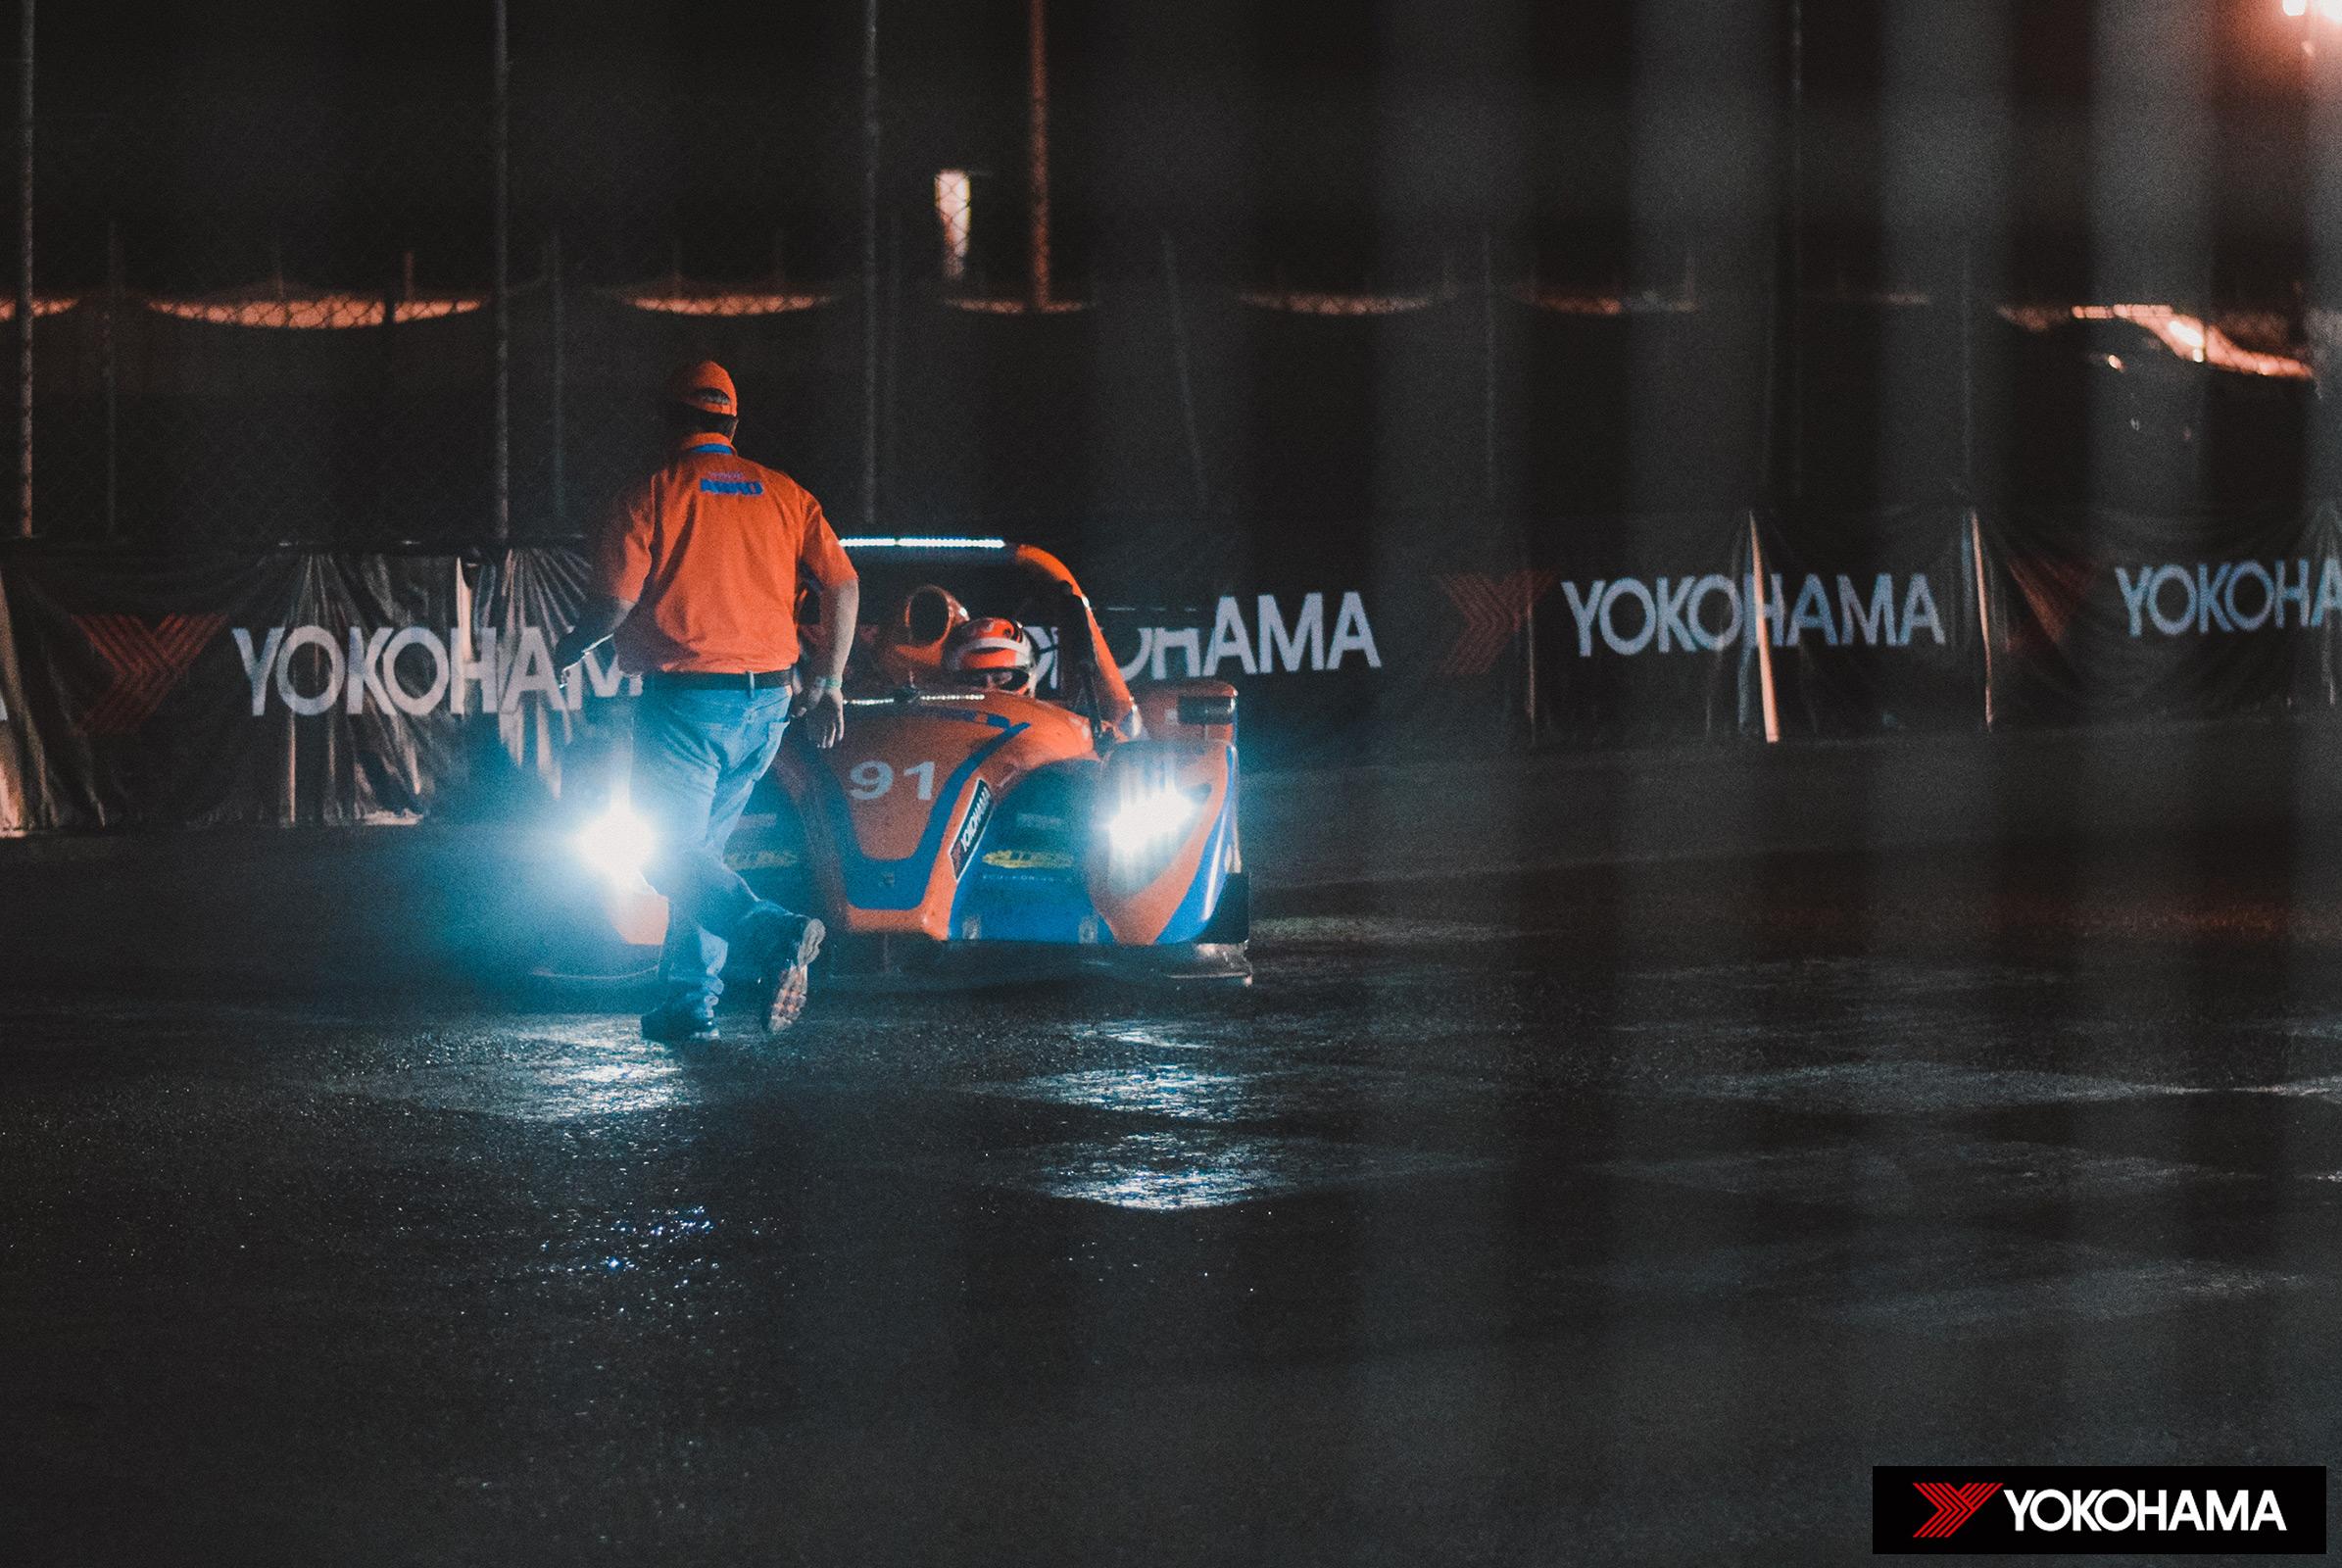 Yokohama_Las-6-horas-peruanas_88